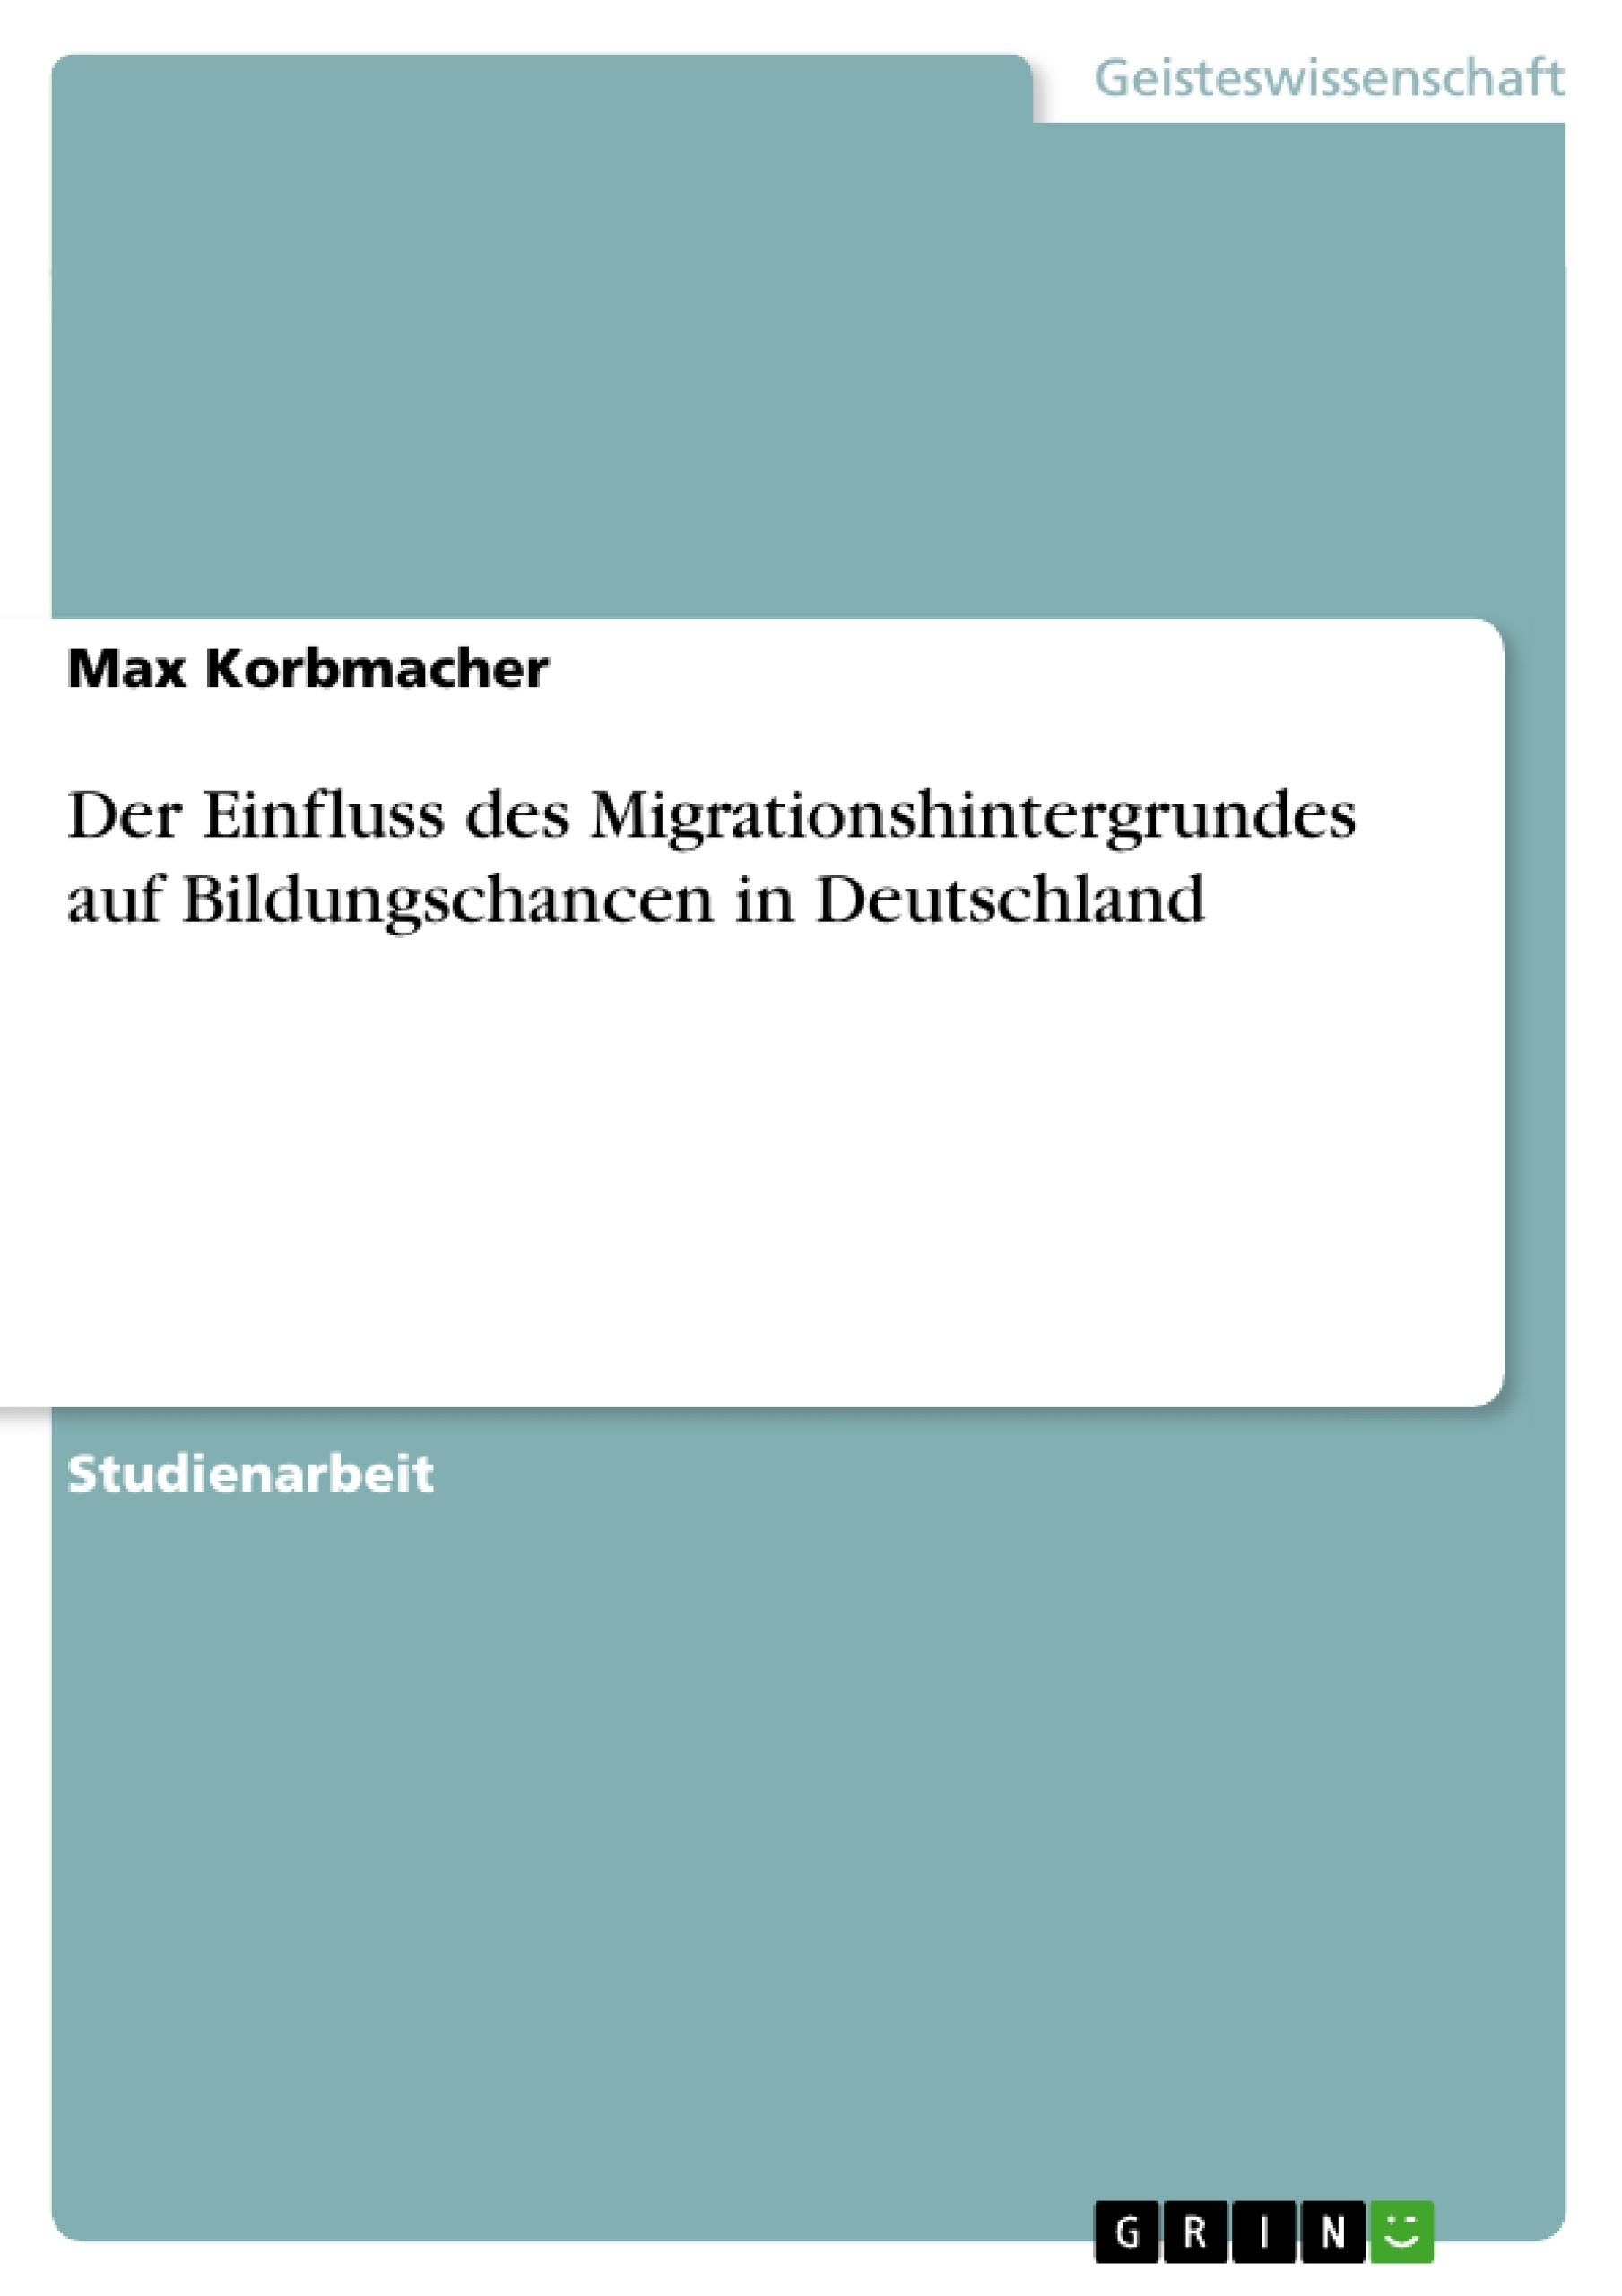 Titel: Der Einfluss des Migrationshintergrundes auf Bildungschancen in Deutschland